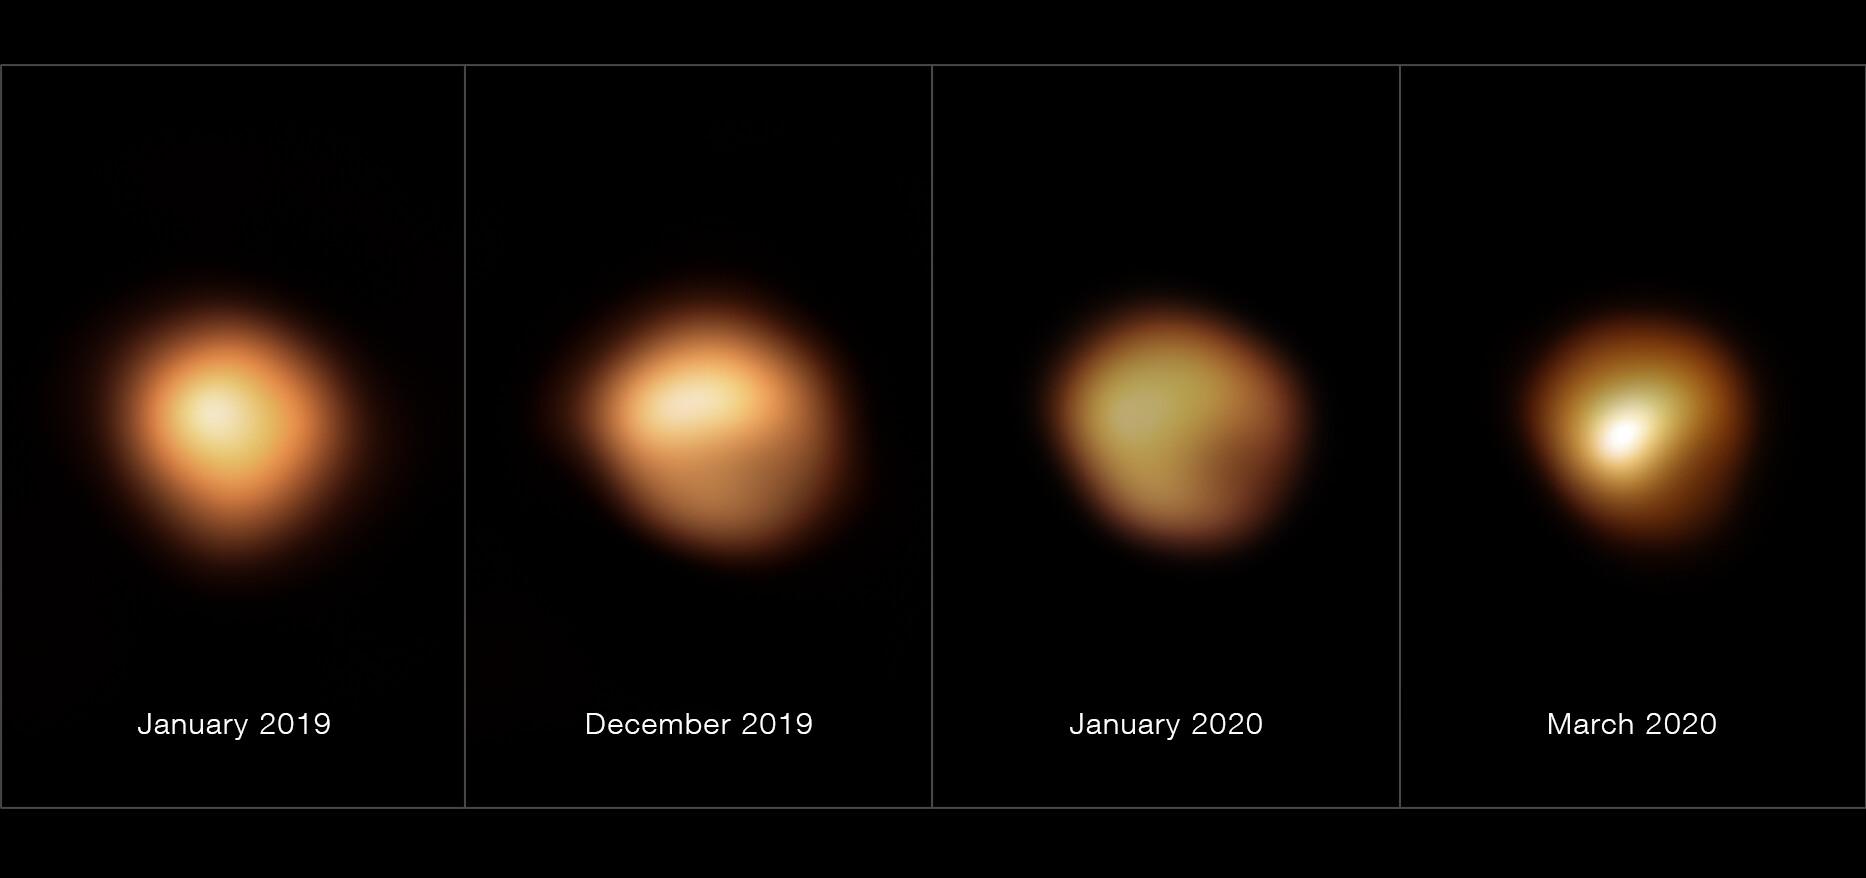 La surface de Bételgeuse avant et pendant sa grande diminution d'intensité lumineuse de 2019-2020